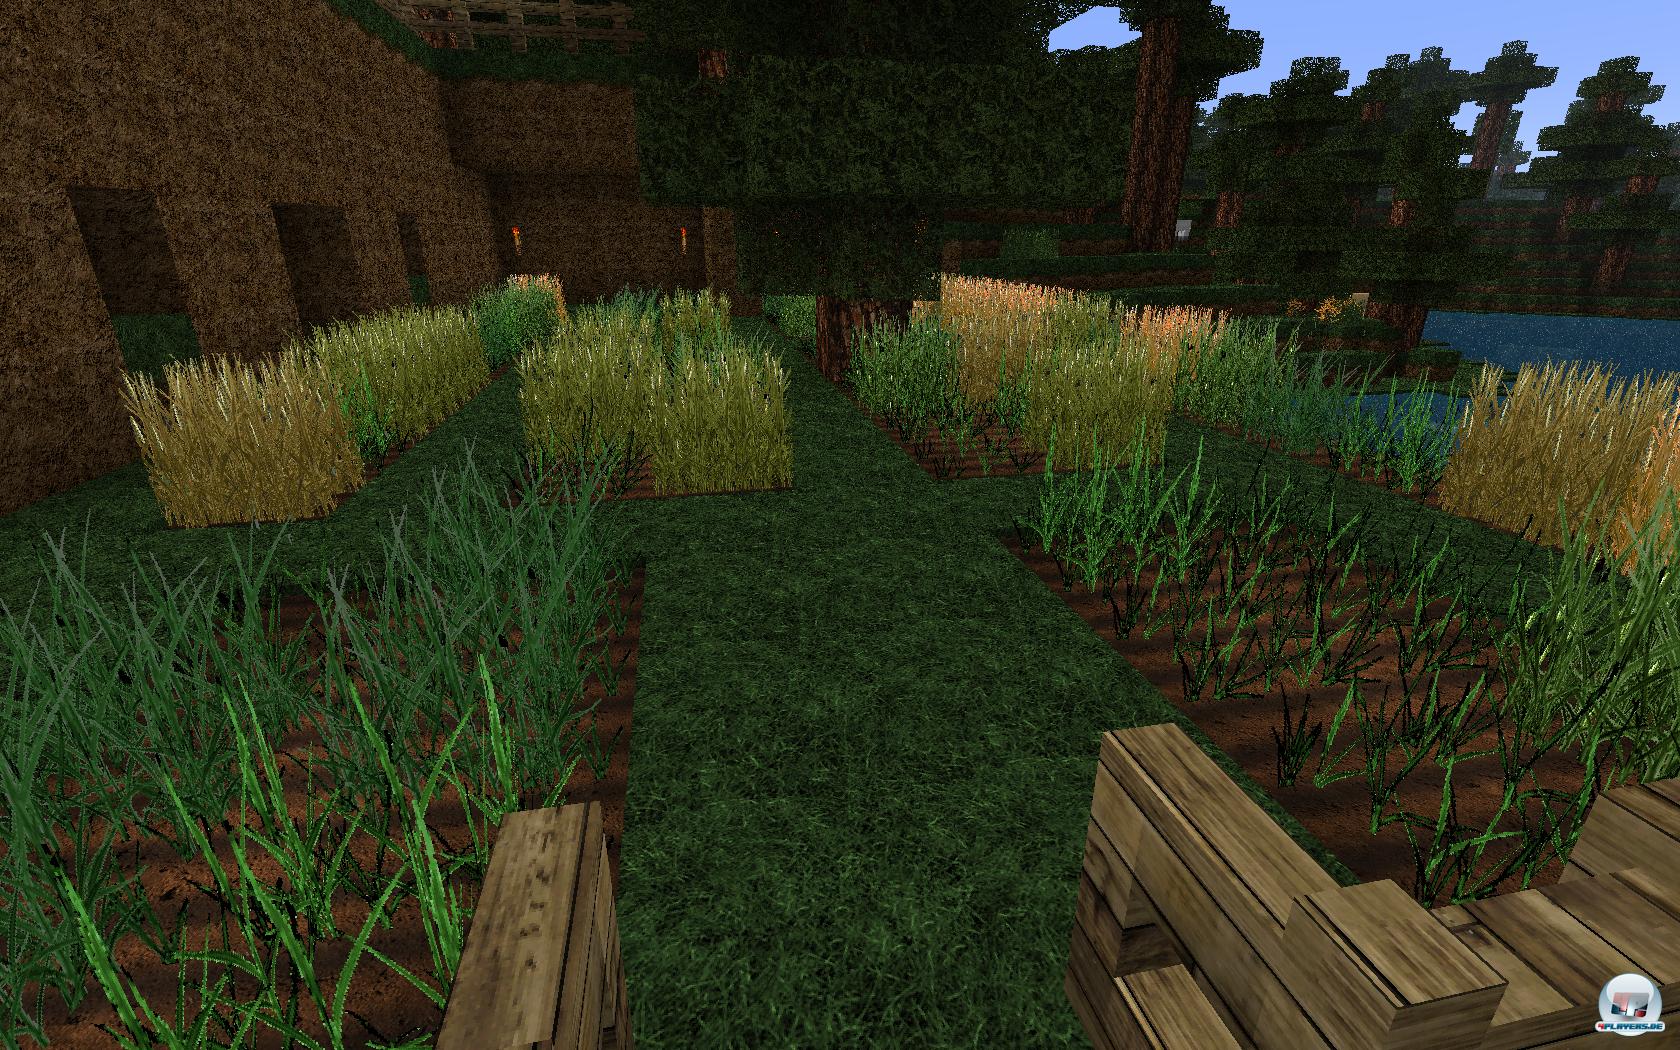 Solch g�ldener Weizen lockt Bauer und Vieh gleicherma�en.